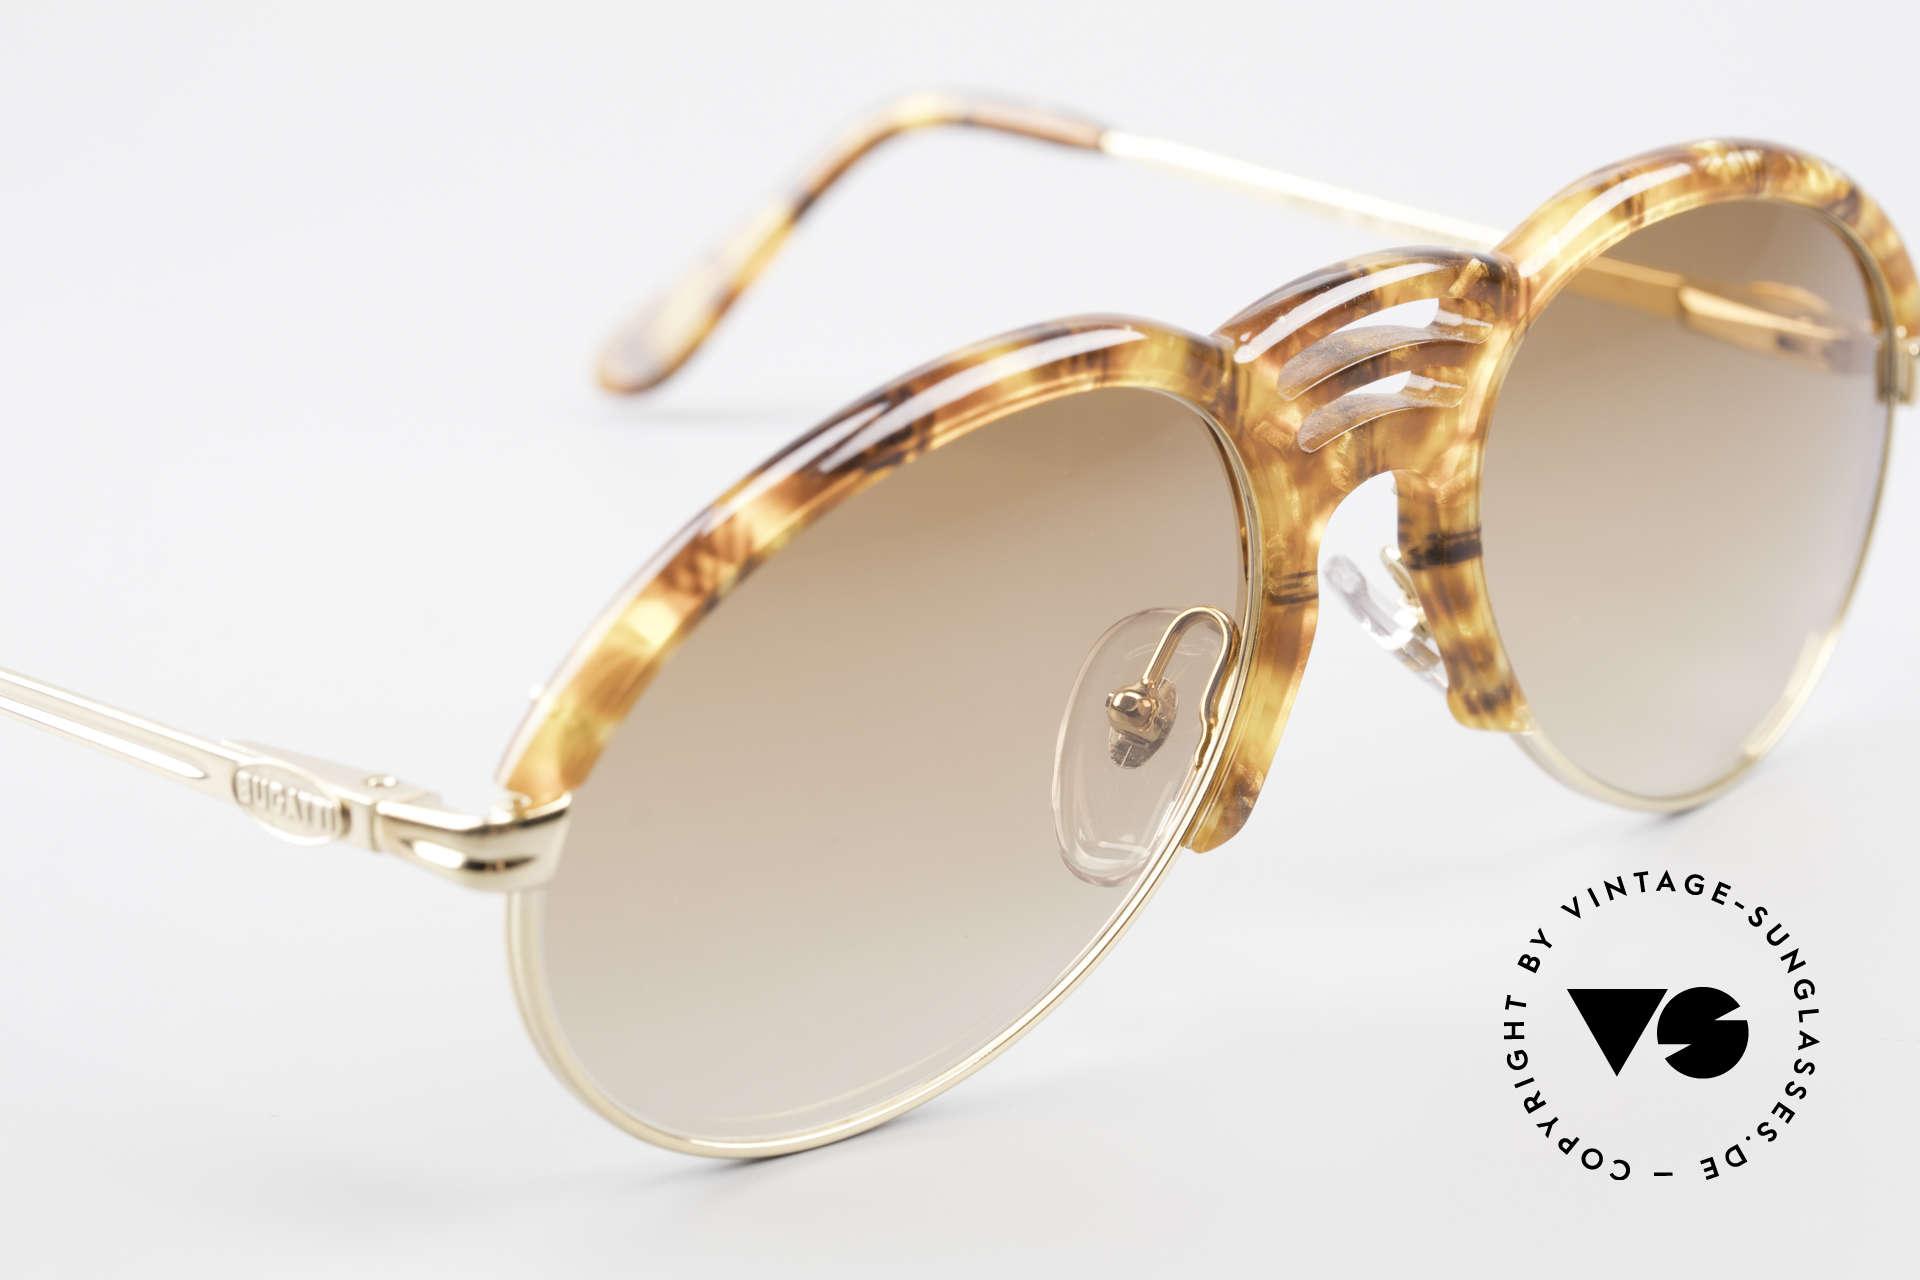 Bugatti 15287 Amber Optic Sunglasses 80's, unworn (like all our rare vintage Bugatti sunglasses), Made for Men